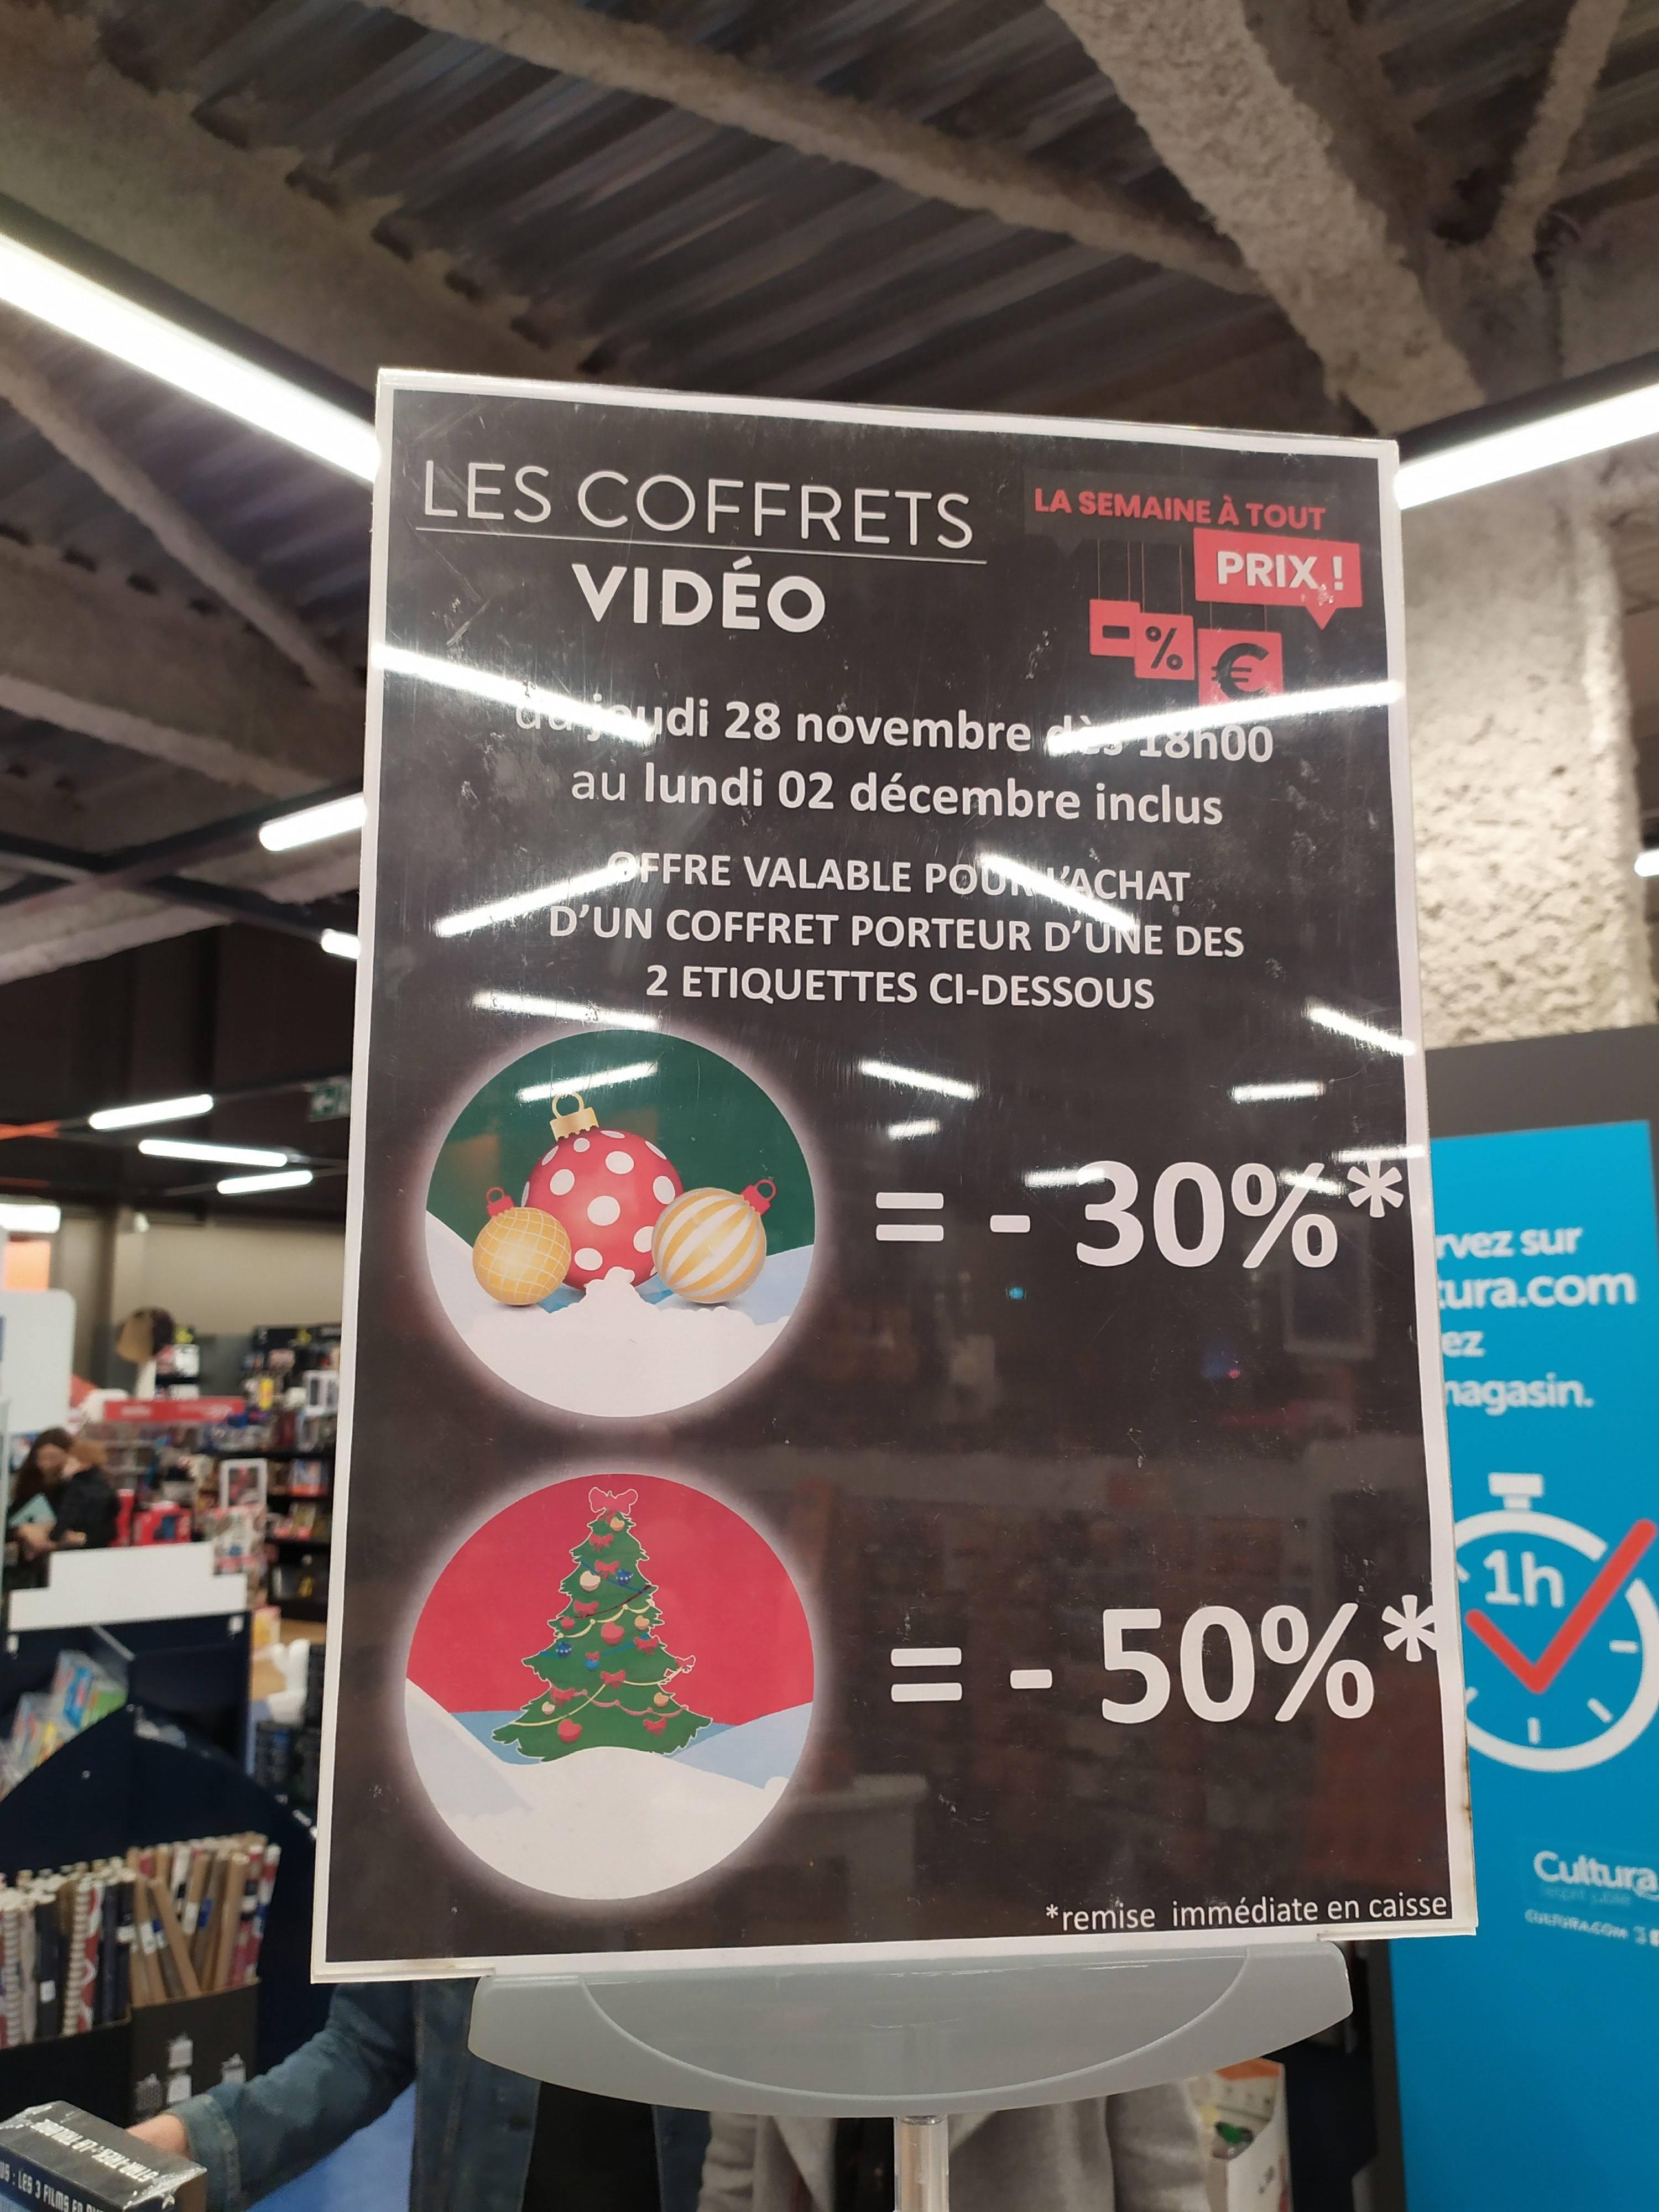 De 30% à 50% de réduction sur une Sélection de coffrets Blu ray, Blu ray 4k et Dvd